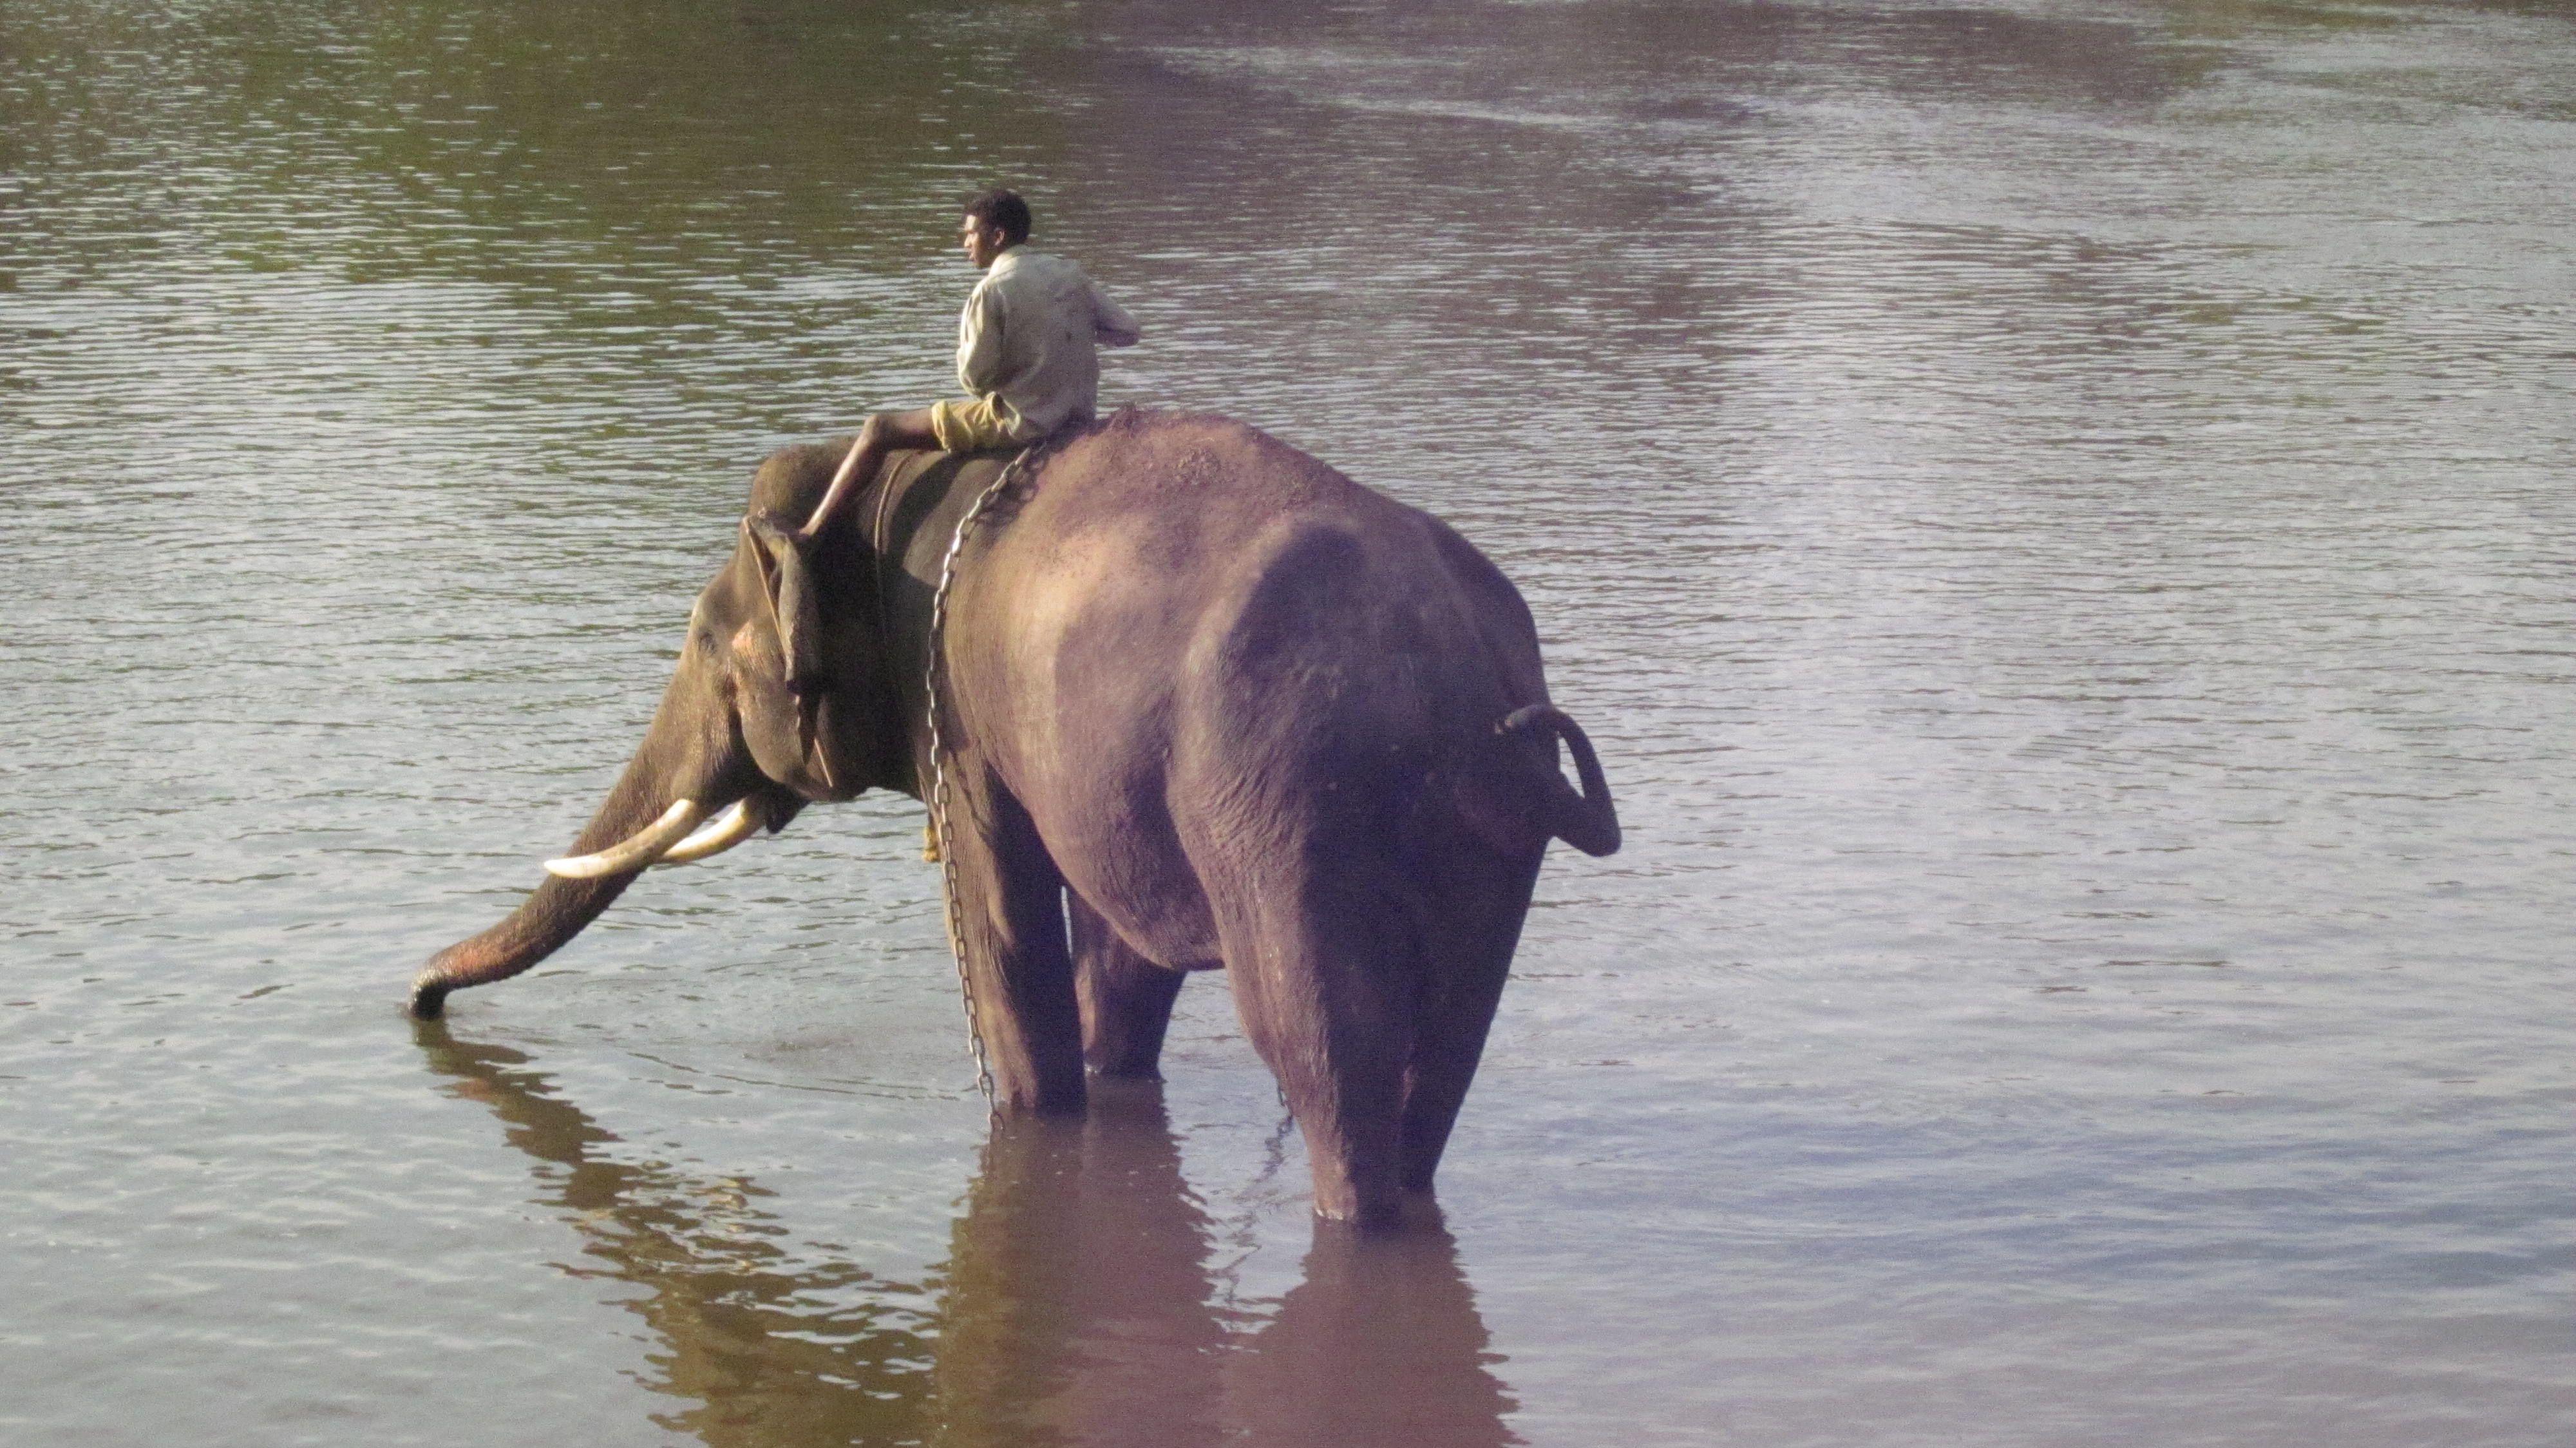 Walrus by Nad Koriba on India India, Animals